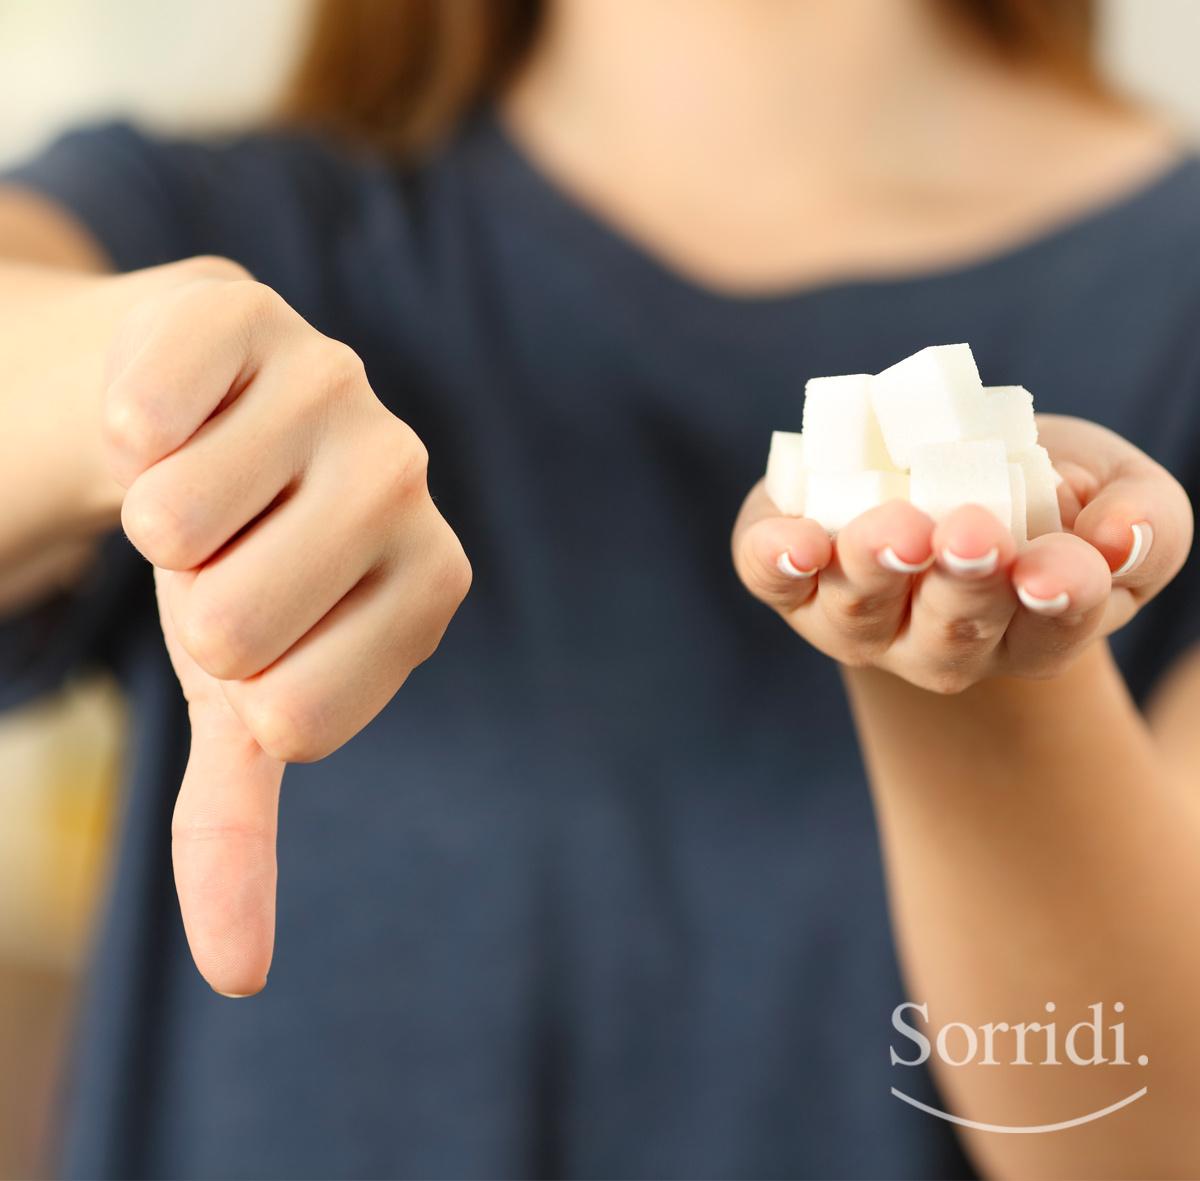 Sorridi-ch-magazine-alimentazione-e-salute-i-pericoli-degli-zuccheri